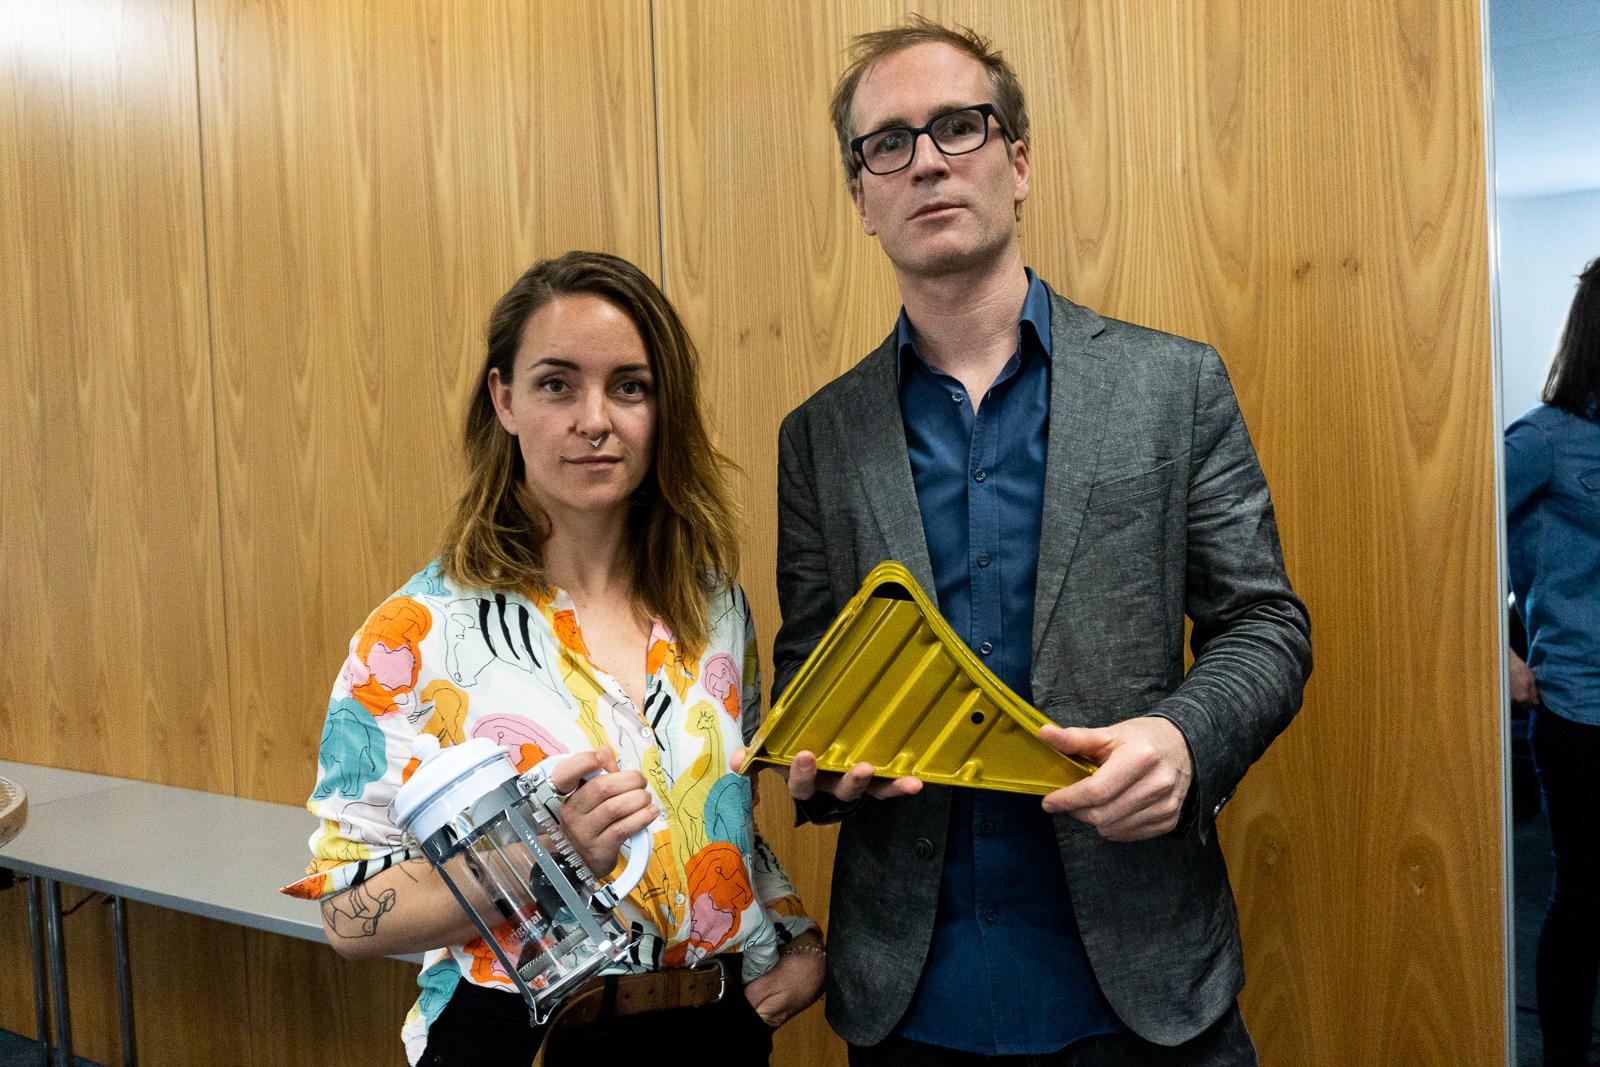 Jana Avanzini mit ihrem Geschenk (einer Bodum-Kanne) und Georg Humbel, Redaktor bei SRF Rundschau, mit dem Goldenen Bremsklotz. Bodum wollte ihn nicht persönlich abholen.